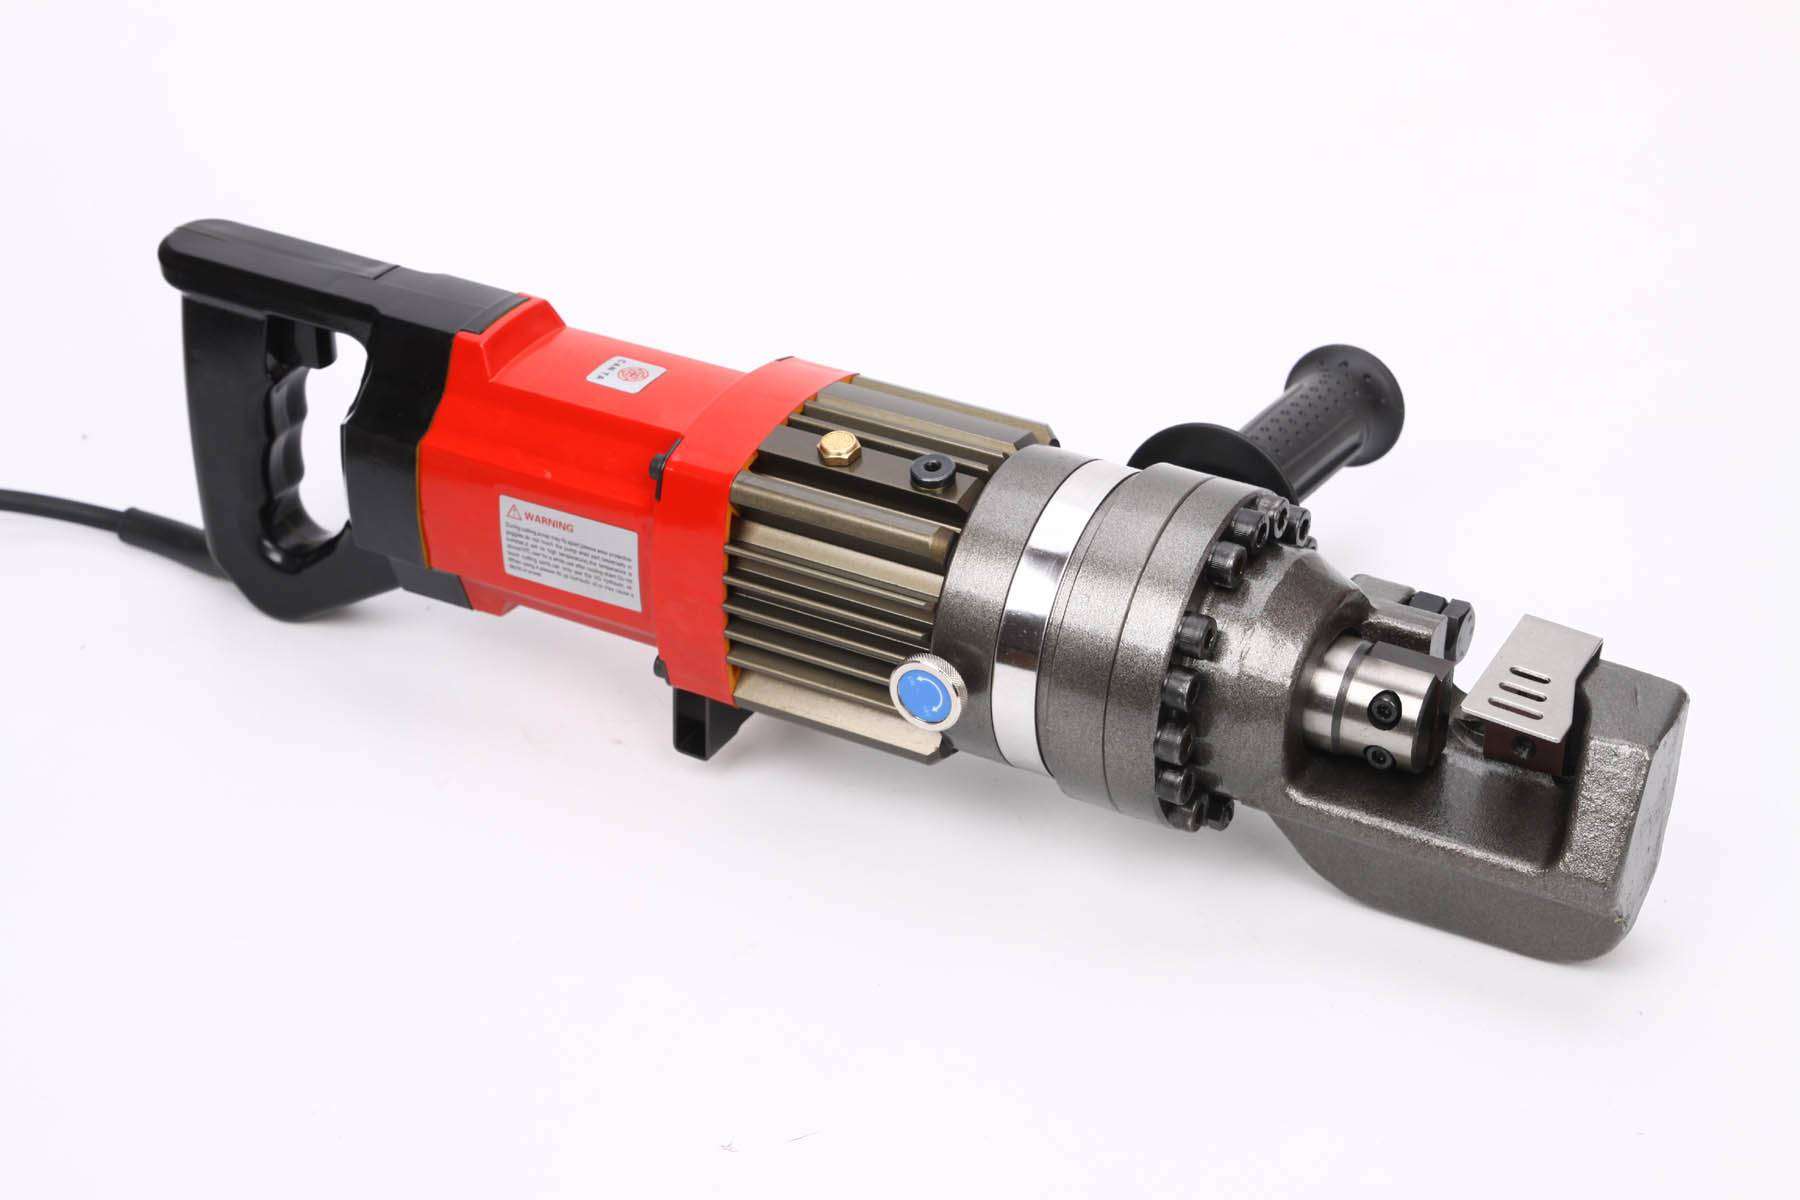 NRC-20 electric rebar cutter